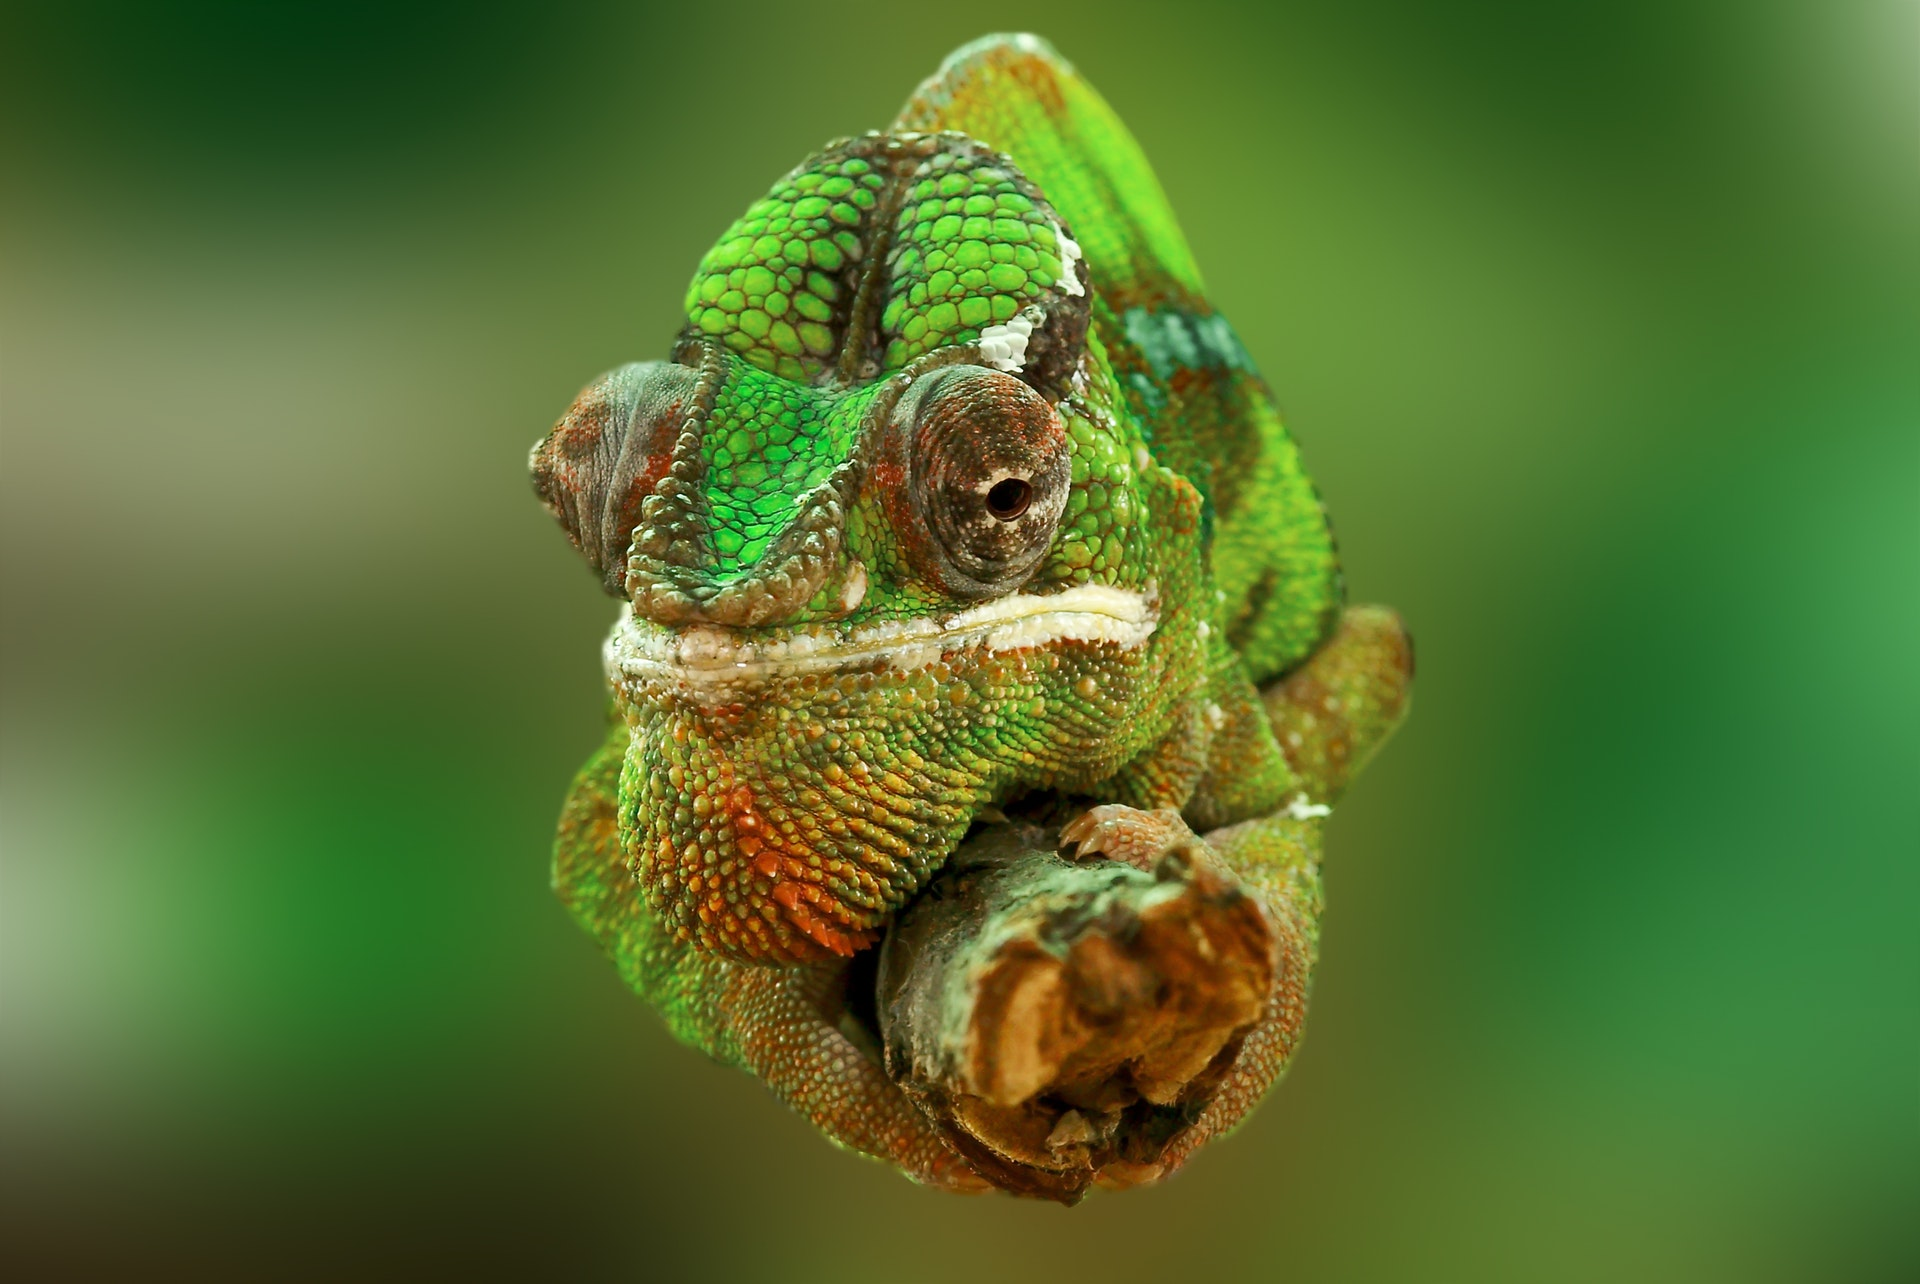 download Wallpaper: kameleon op een tak wallpaper